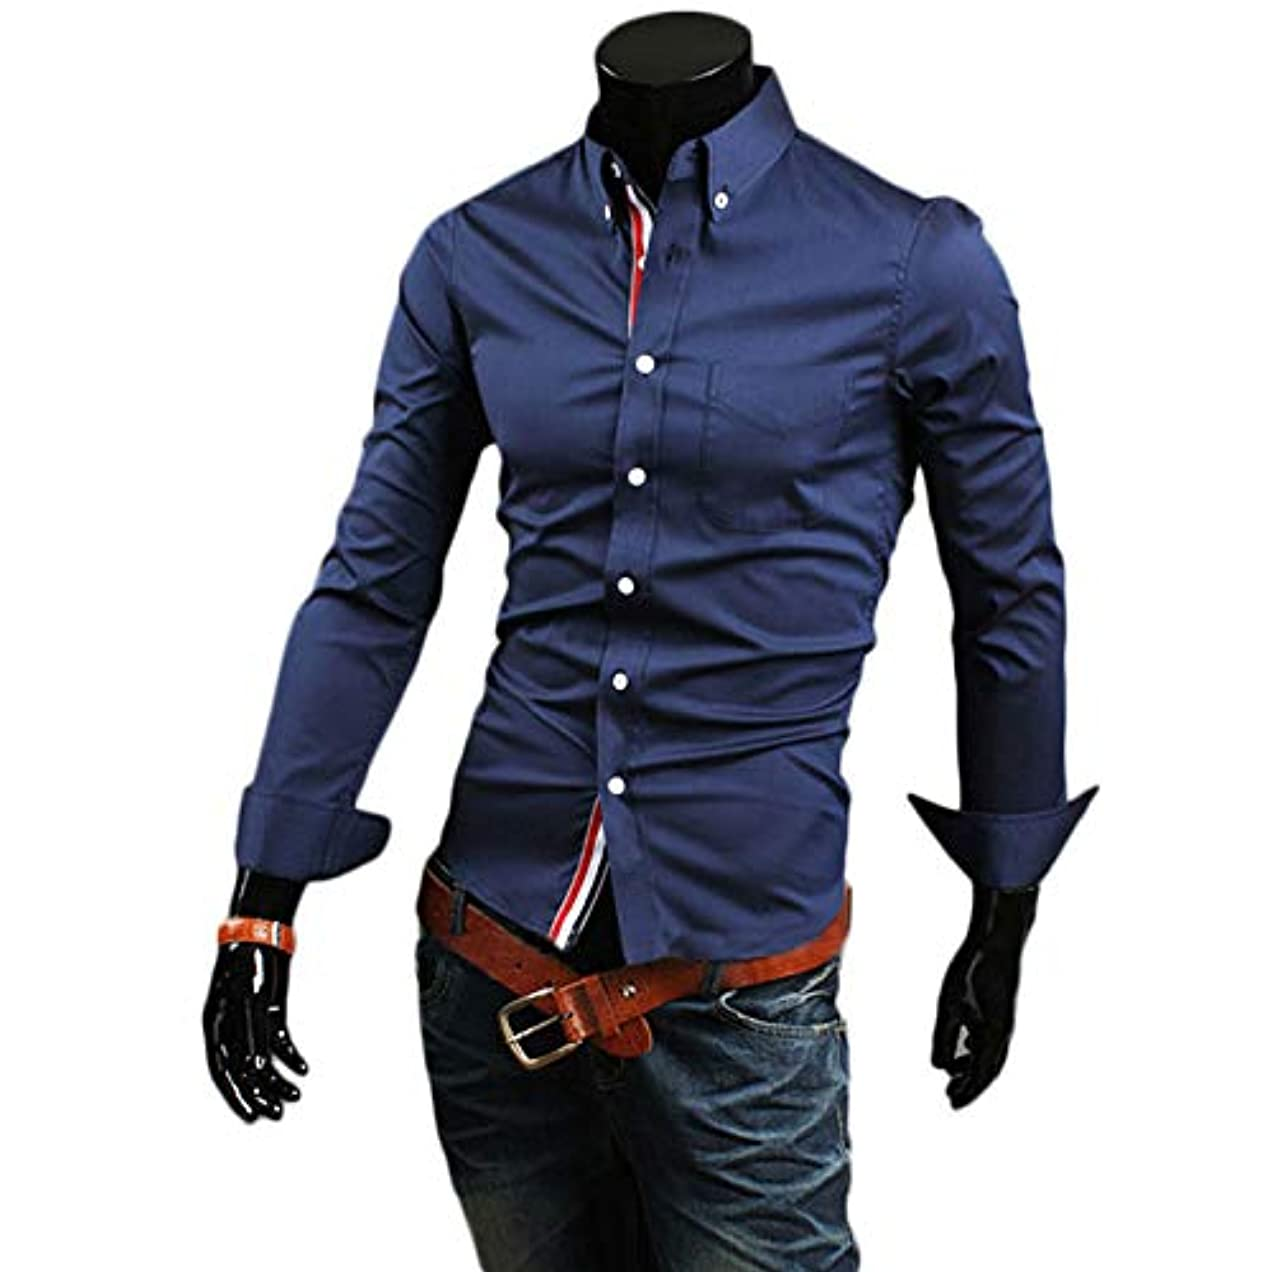 生態学怪物周辺Cococo Manスタンドカラーボタンダウンスリムトップブラウスカジュアルファッションスプライスポケットシャツ - ネイビーブルー - M